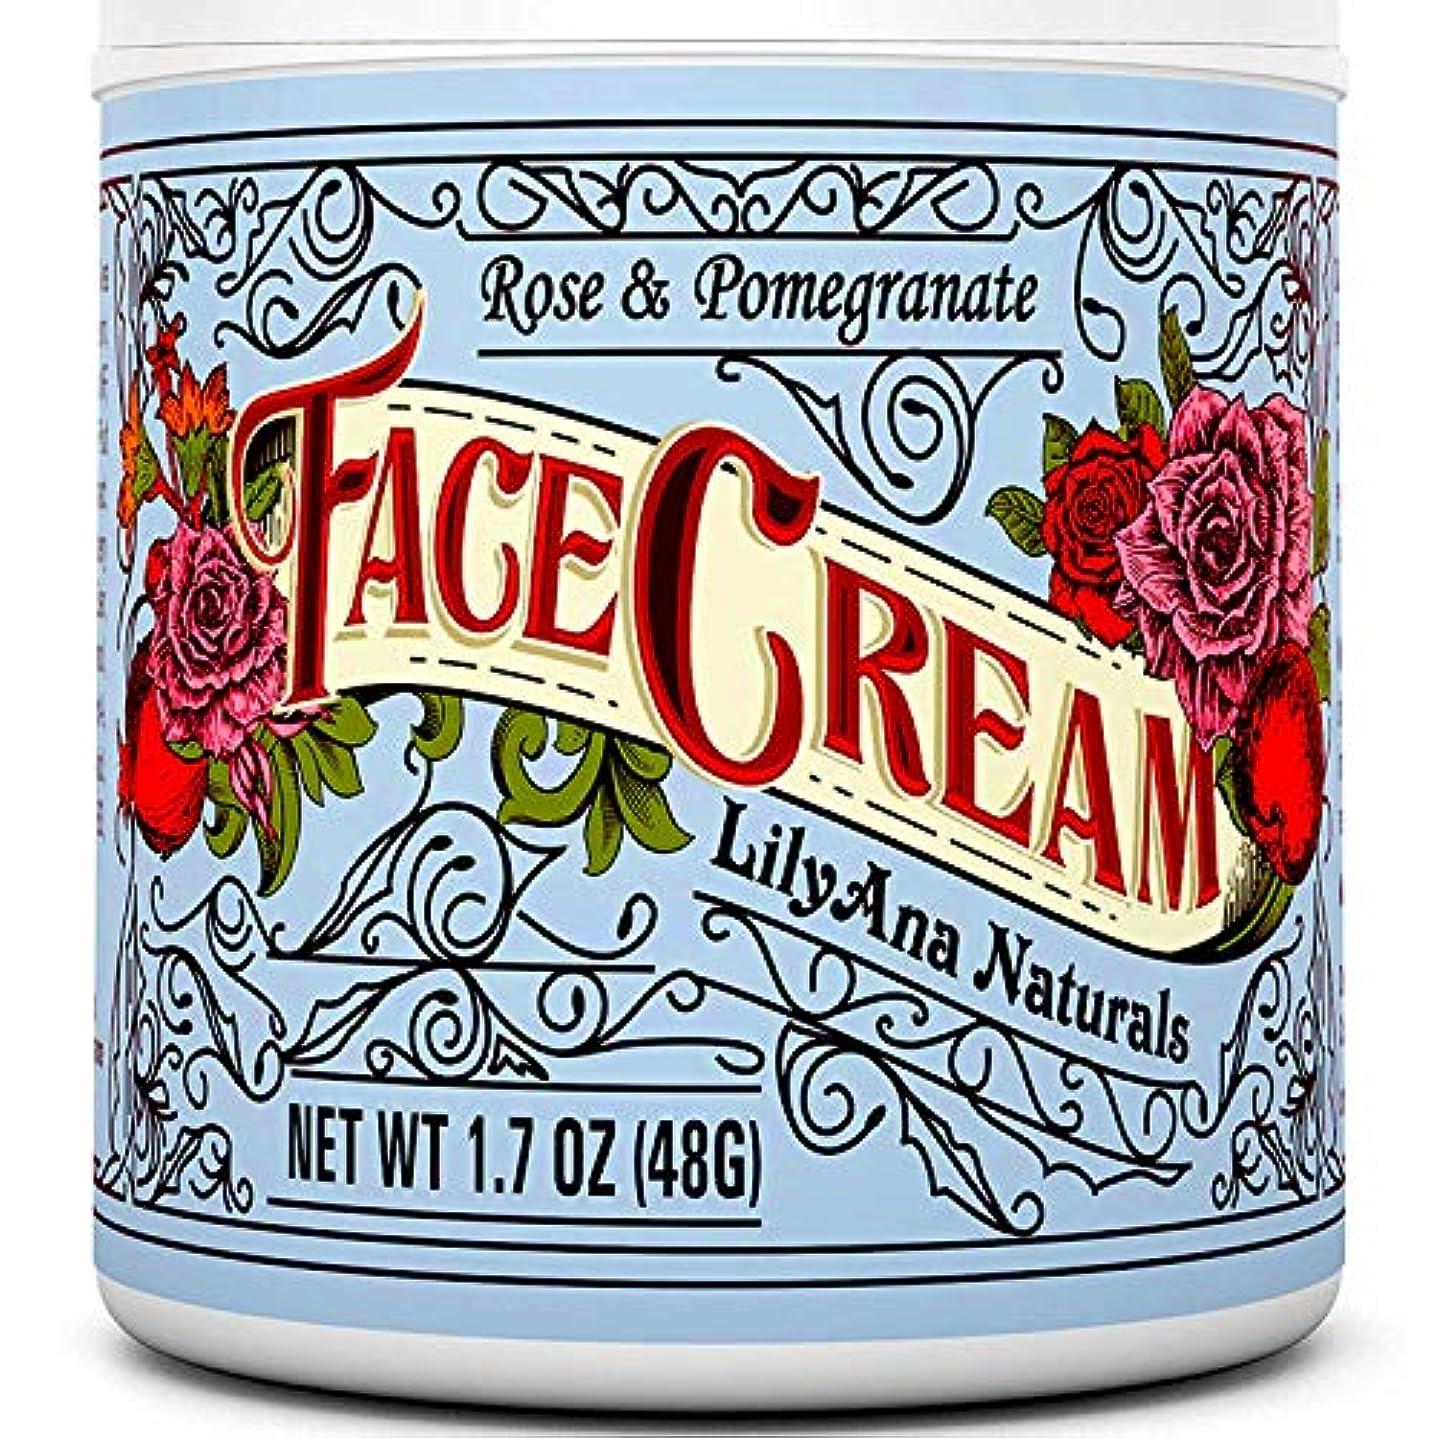 ダンプ隙間バイパスLilyAna Naturals 社 (リリーアナ?ナチュラルズ) モイスチャークリーム Face Cream Moisturizer (1.7 OZ) 日本語説明書き付 [並行輸入品]